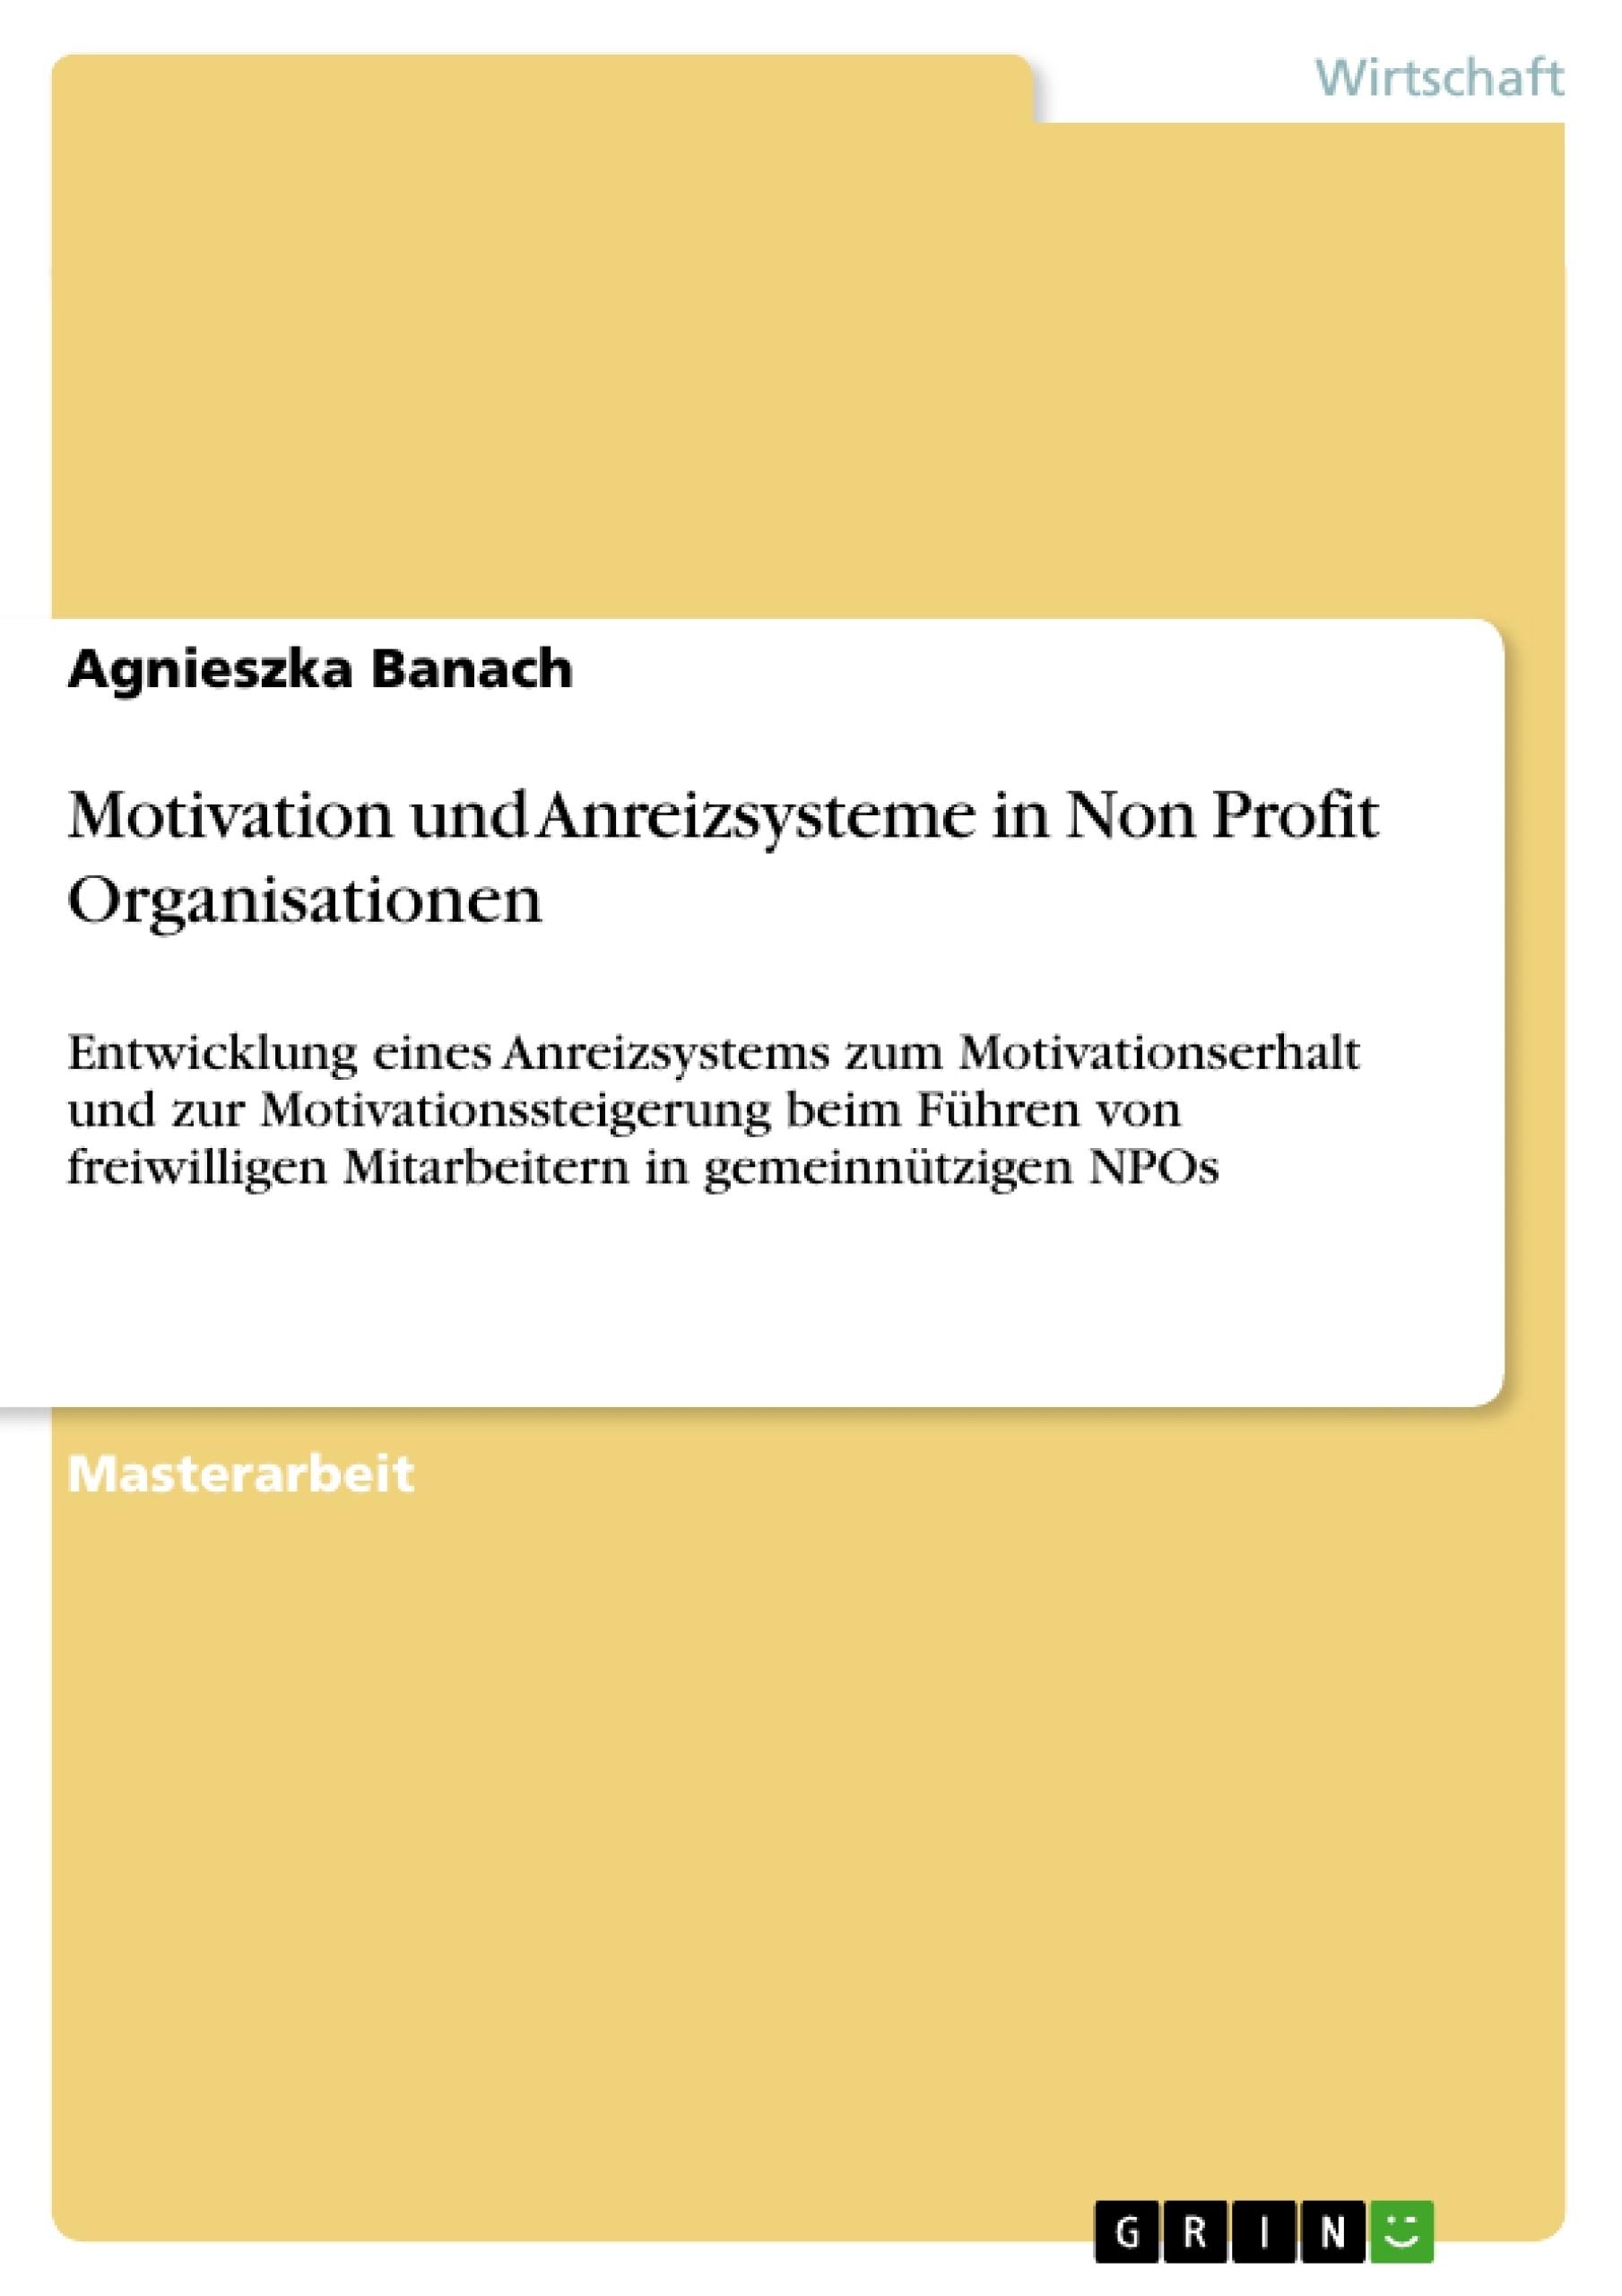 Titel: Motivation und Anreizsysteme in Non Profit Organisationen